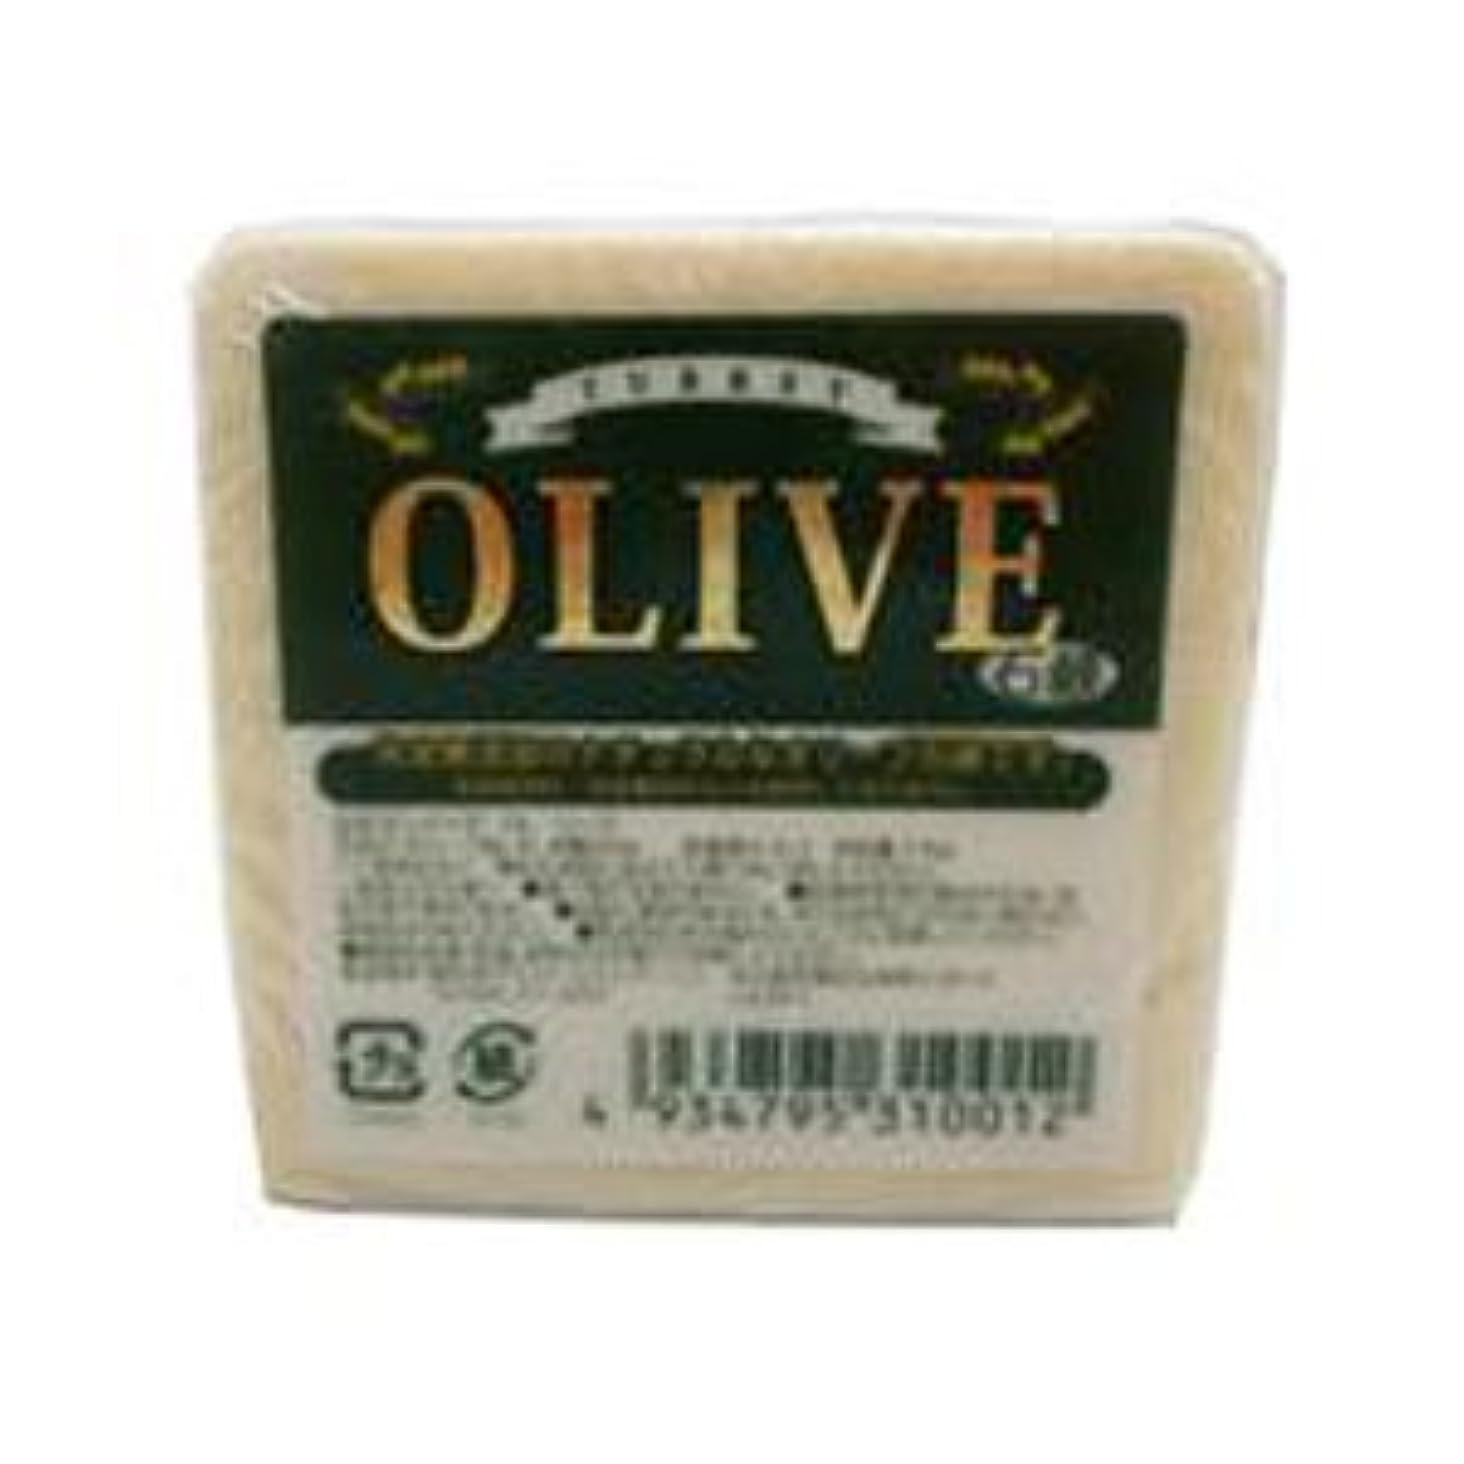 作るメルボルンメルボルンお得な10個セット トルコ産オリーブを使用した無添加石鹸 ターキーオリーブ石鹸 135g